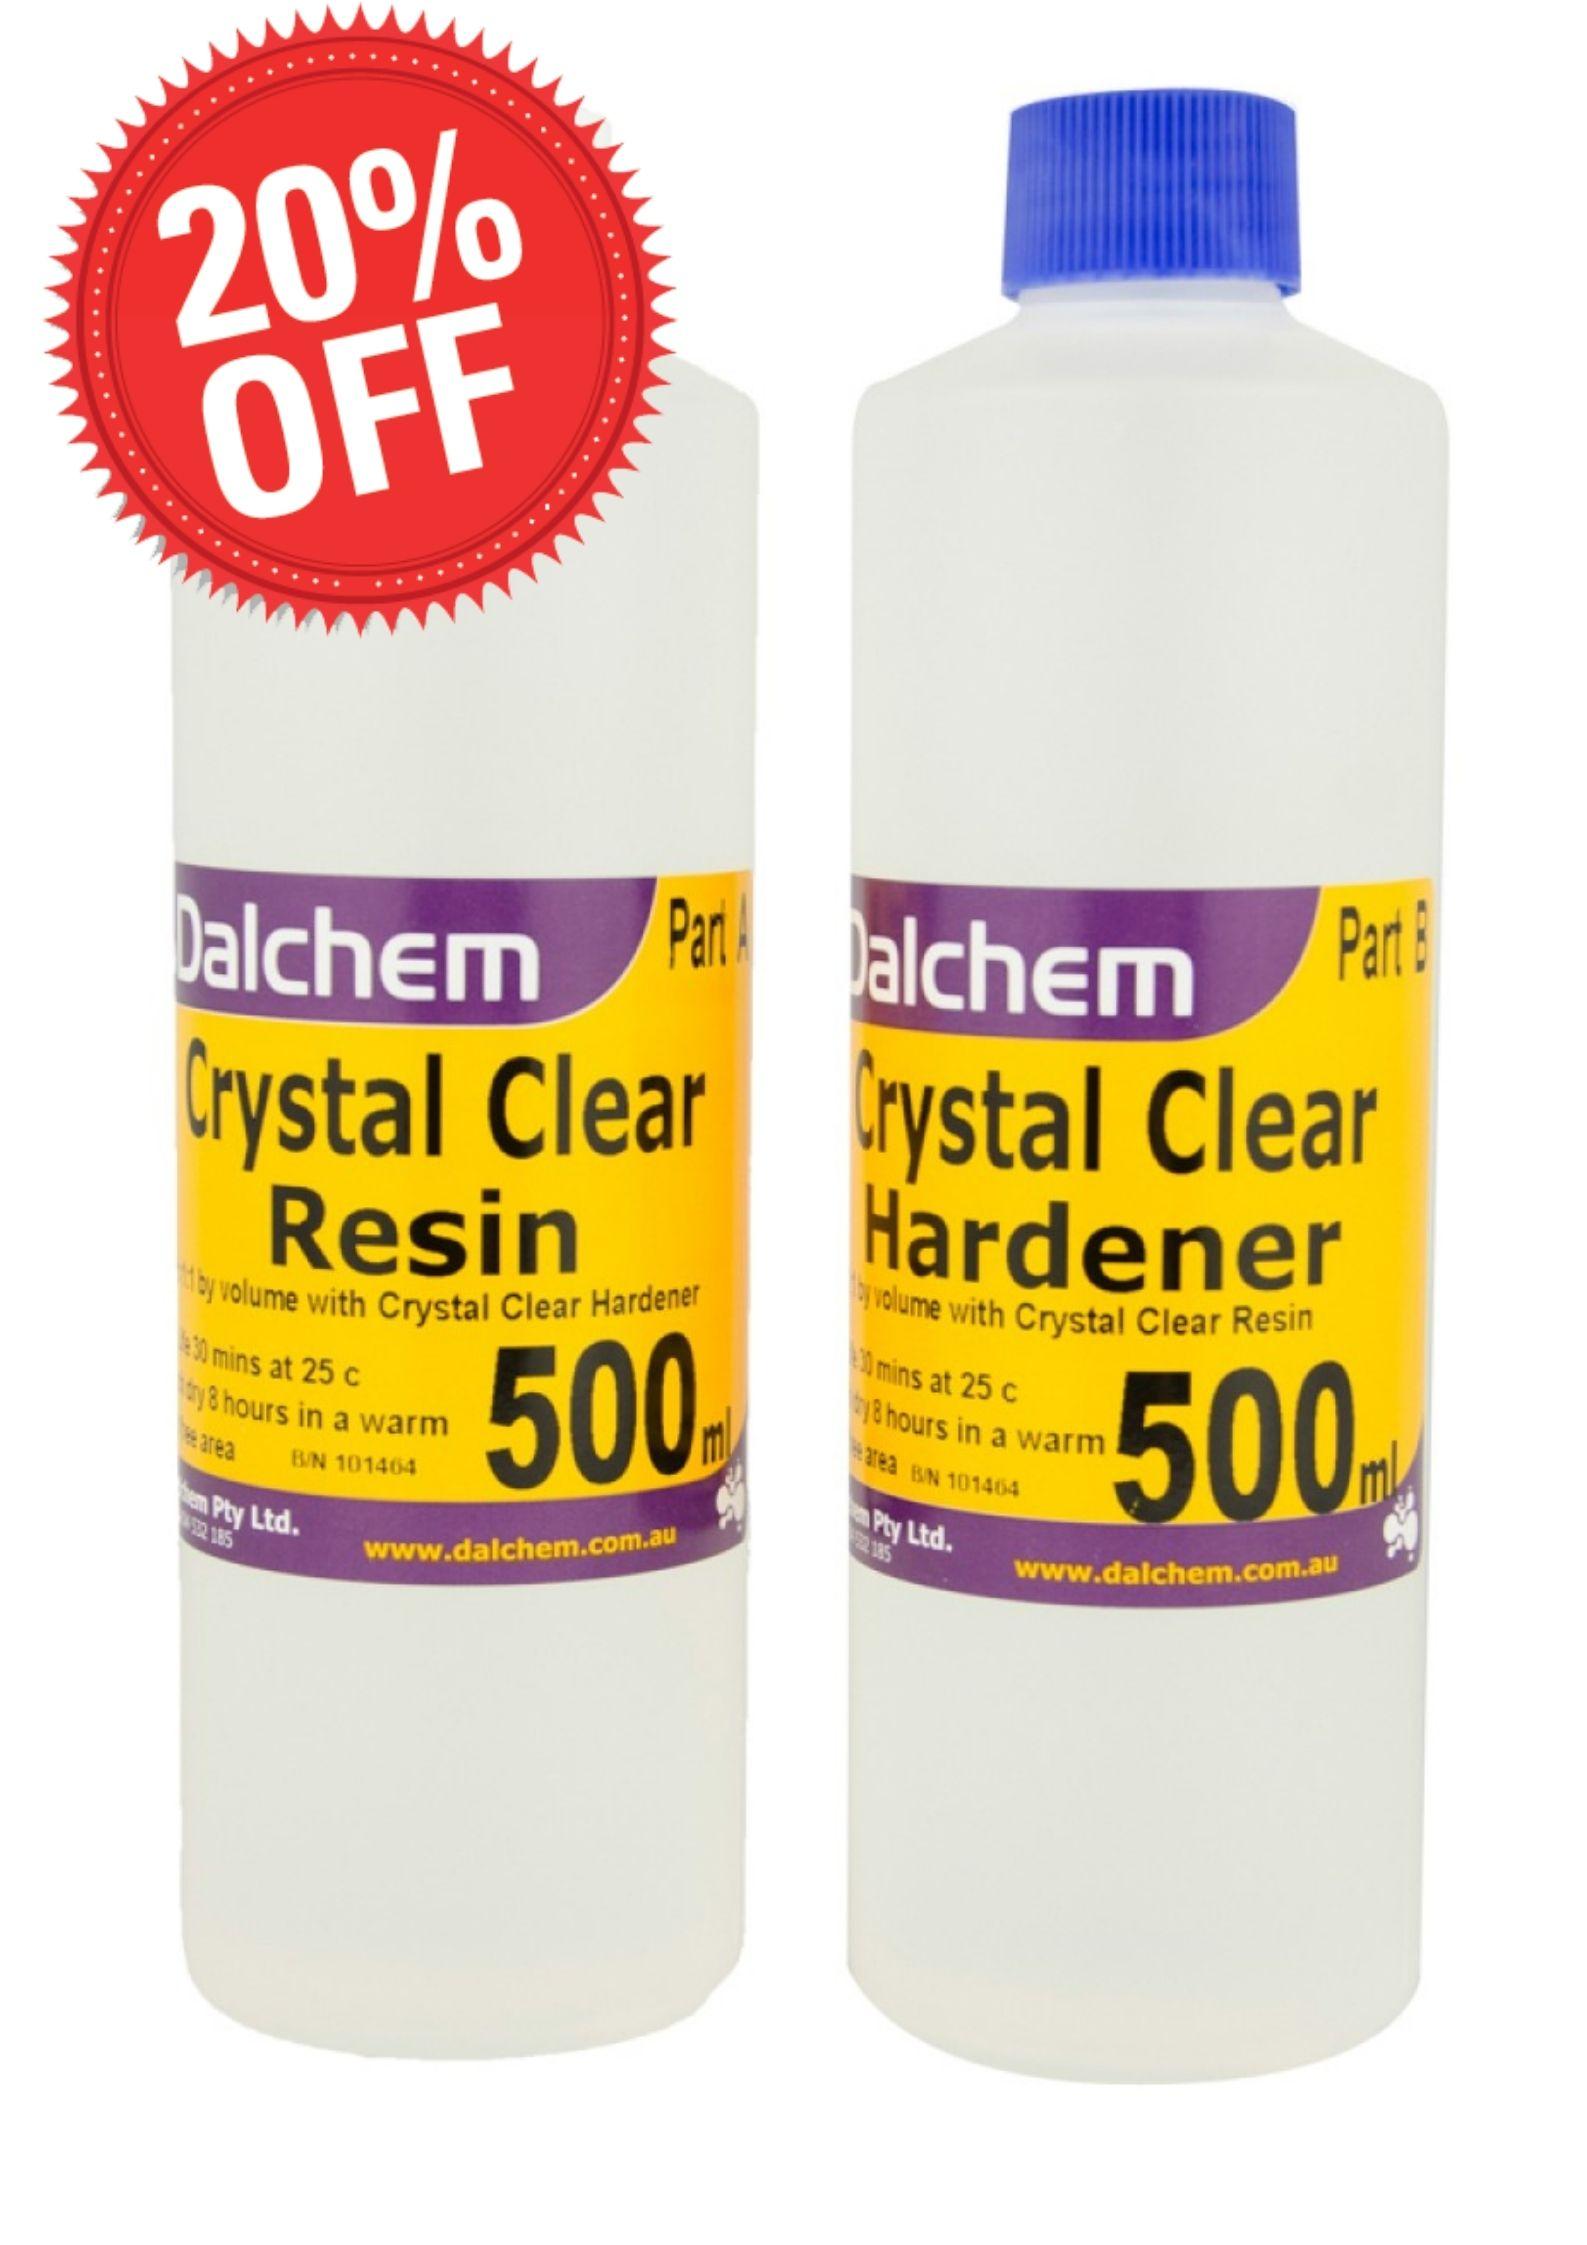 Dalchem Crystal Clear Resin